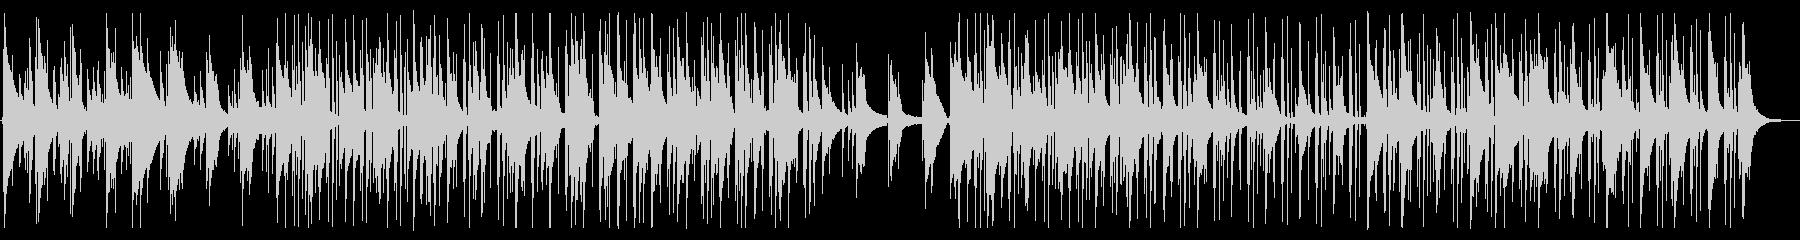 【生演奏】Lofi/Chill/まどろむの未再生の波形